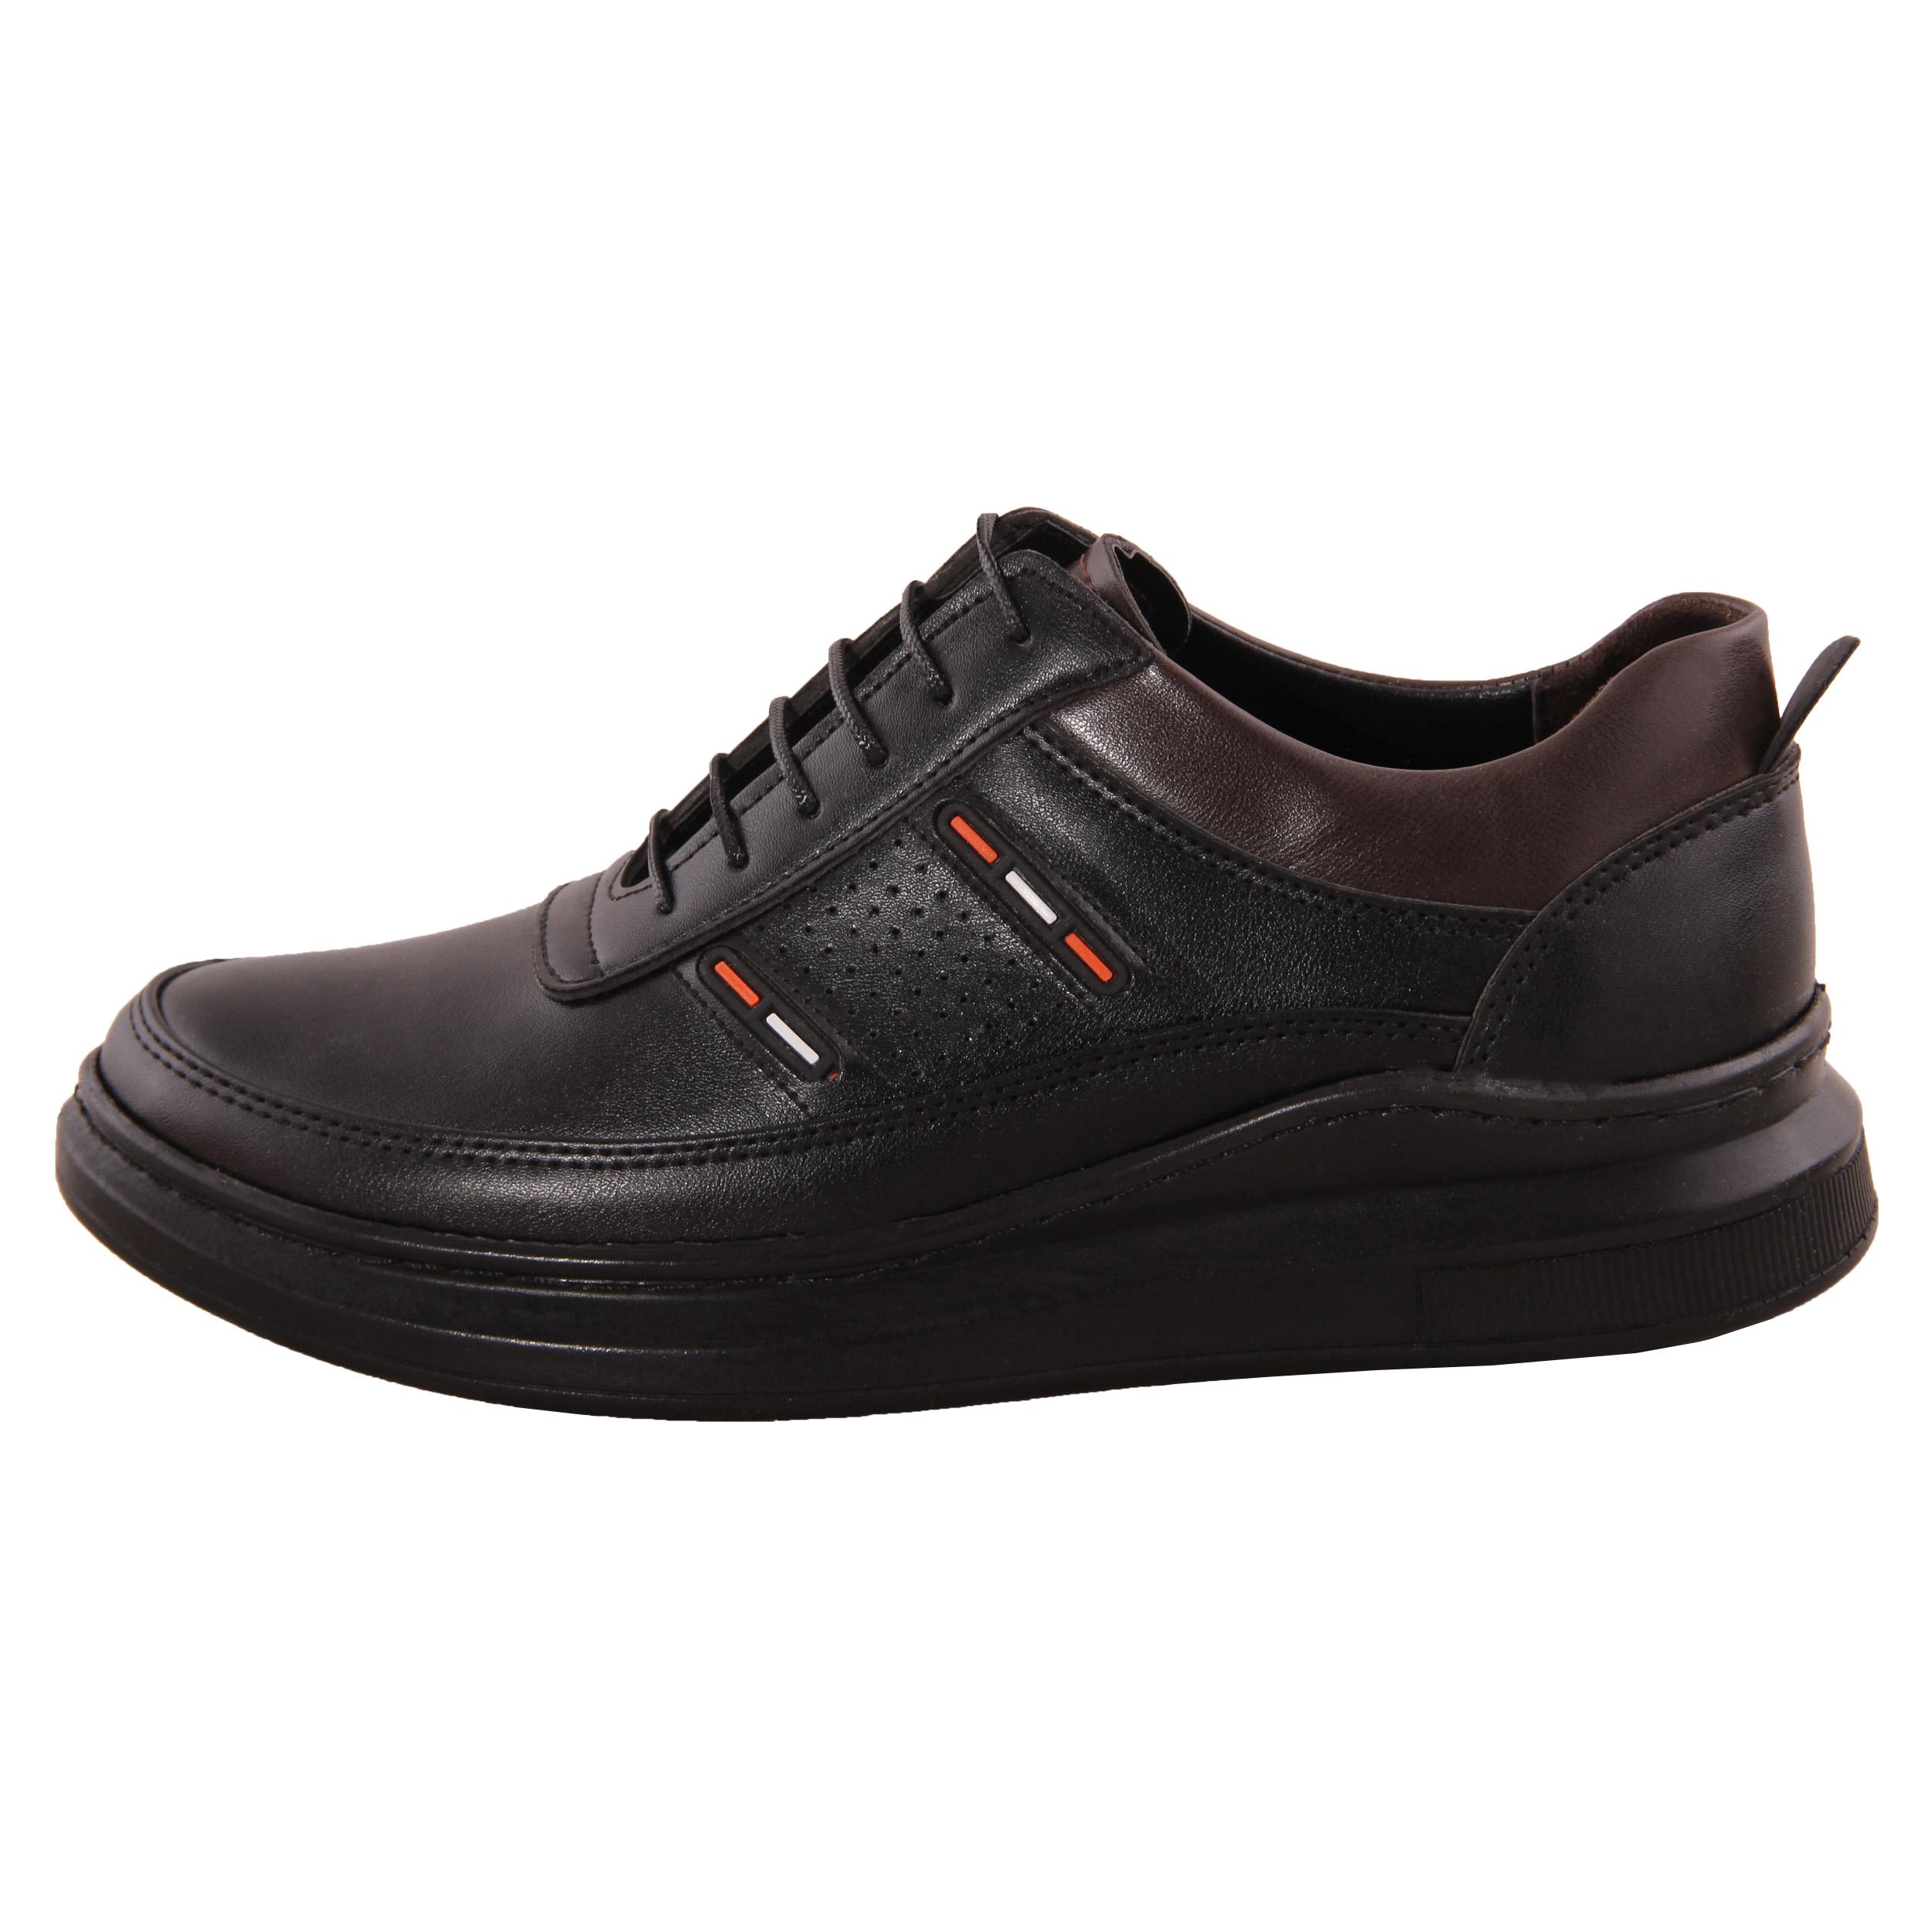 کفش روزمره مردانه کد 1-39923